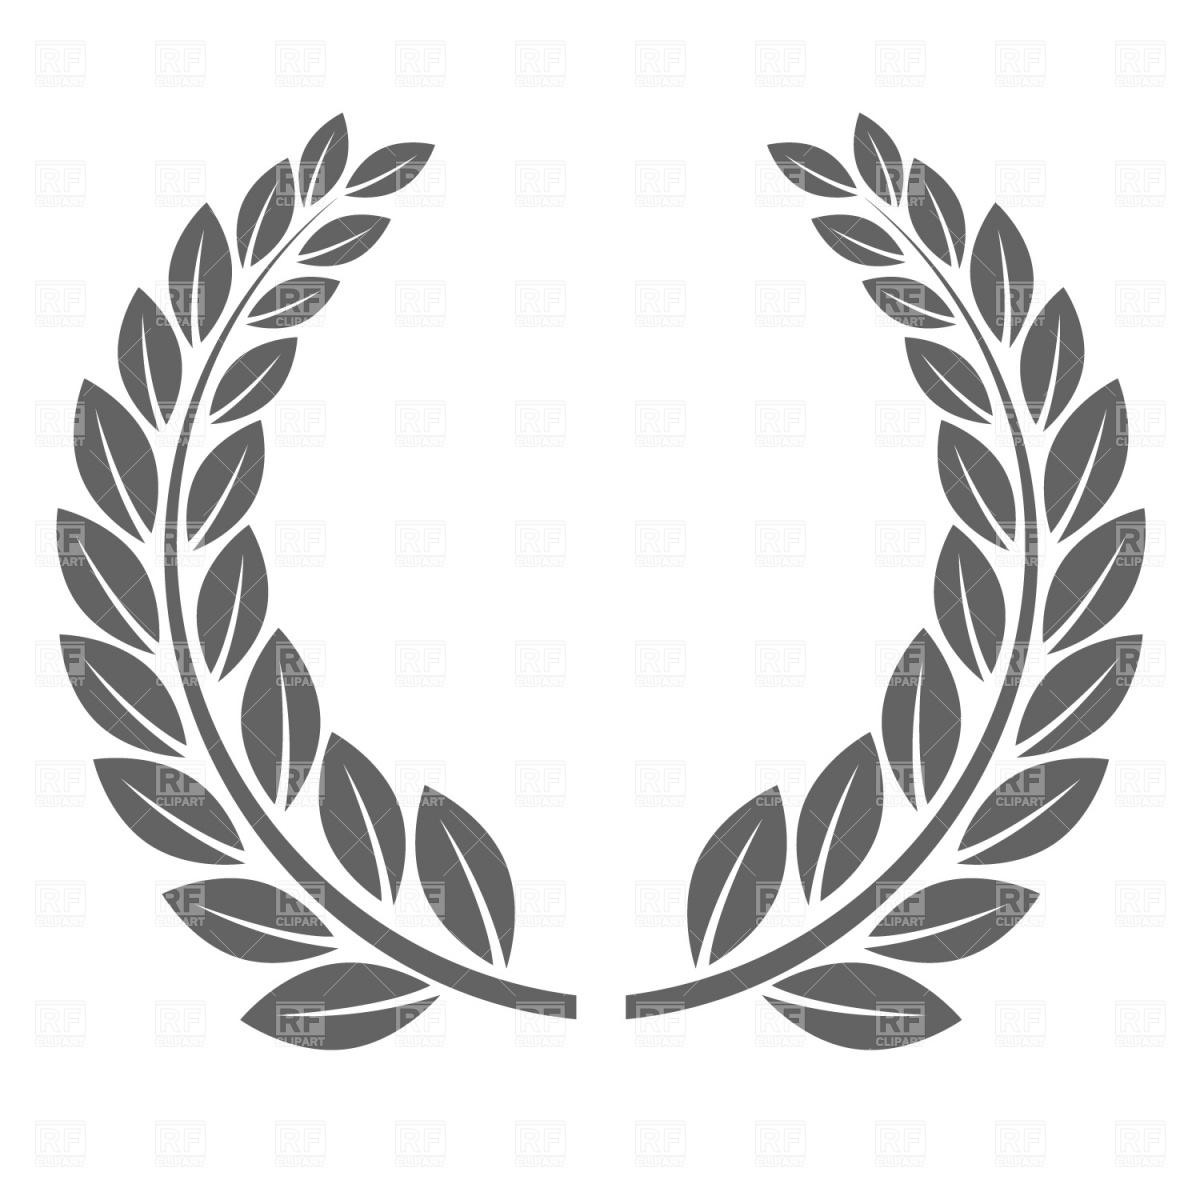 13 Laurel Leaf Vector Images